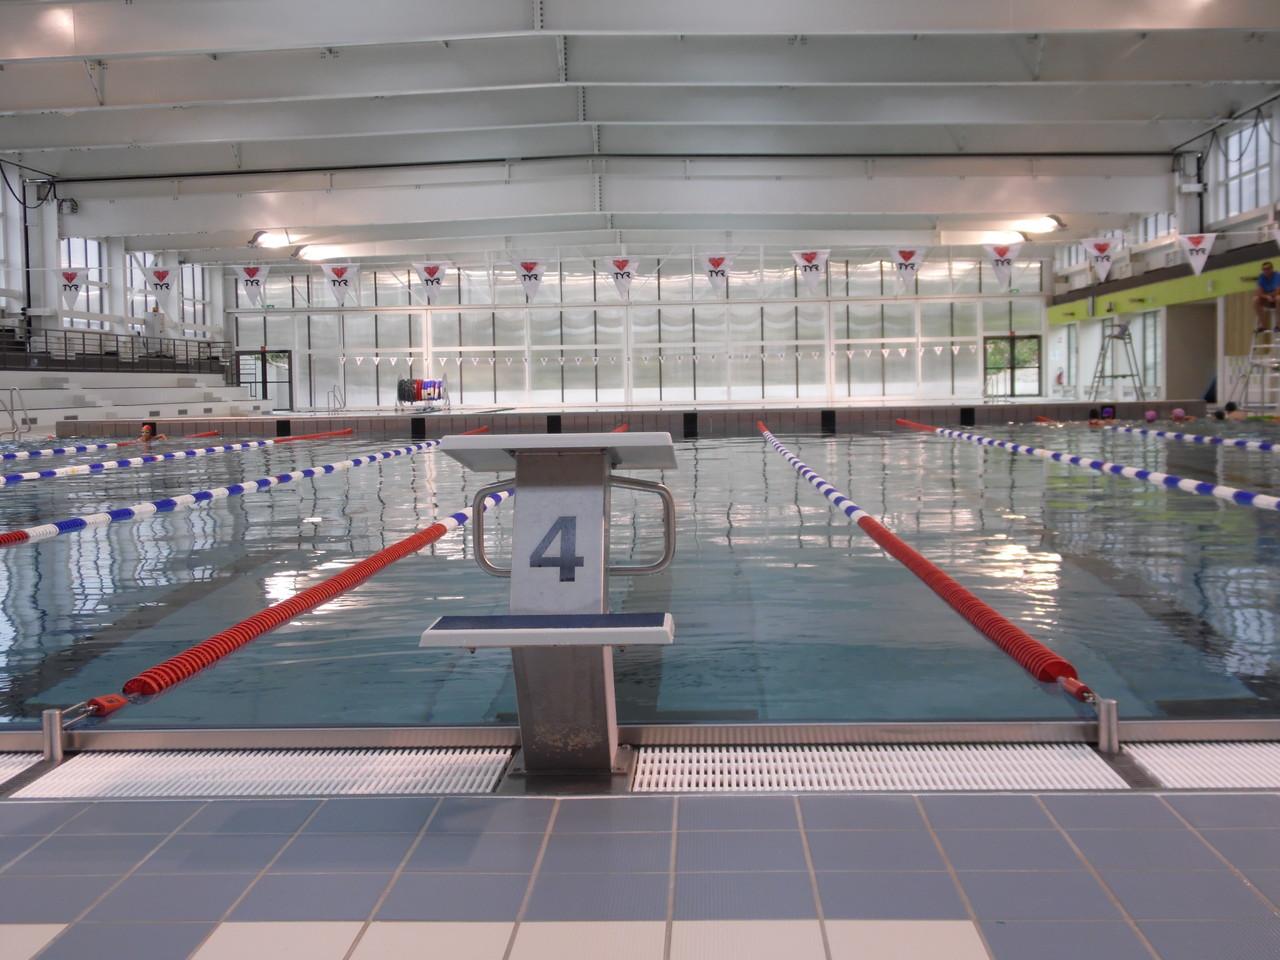 L 39 aqu 39 abb abbeville tourisme porte de la baie de somme for Tarif piscine abbeville